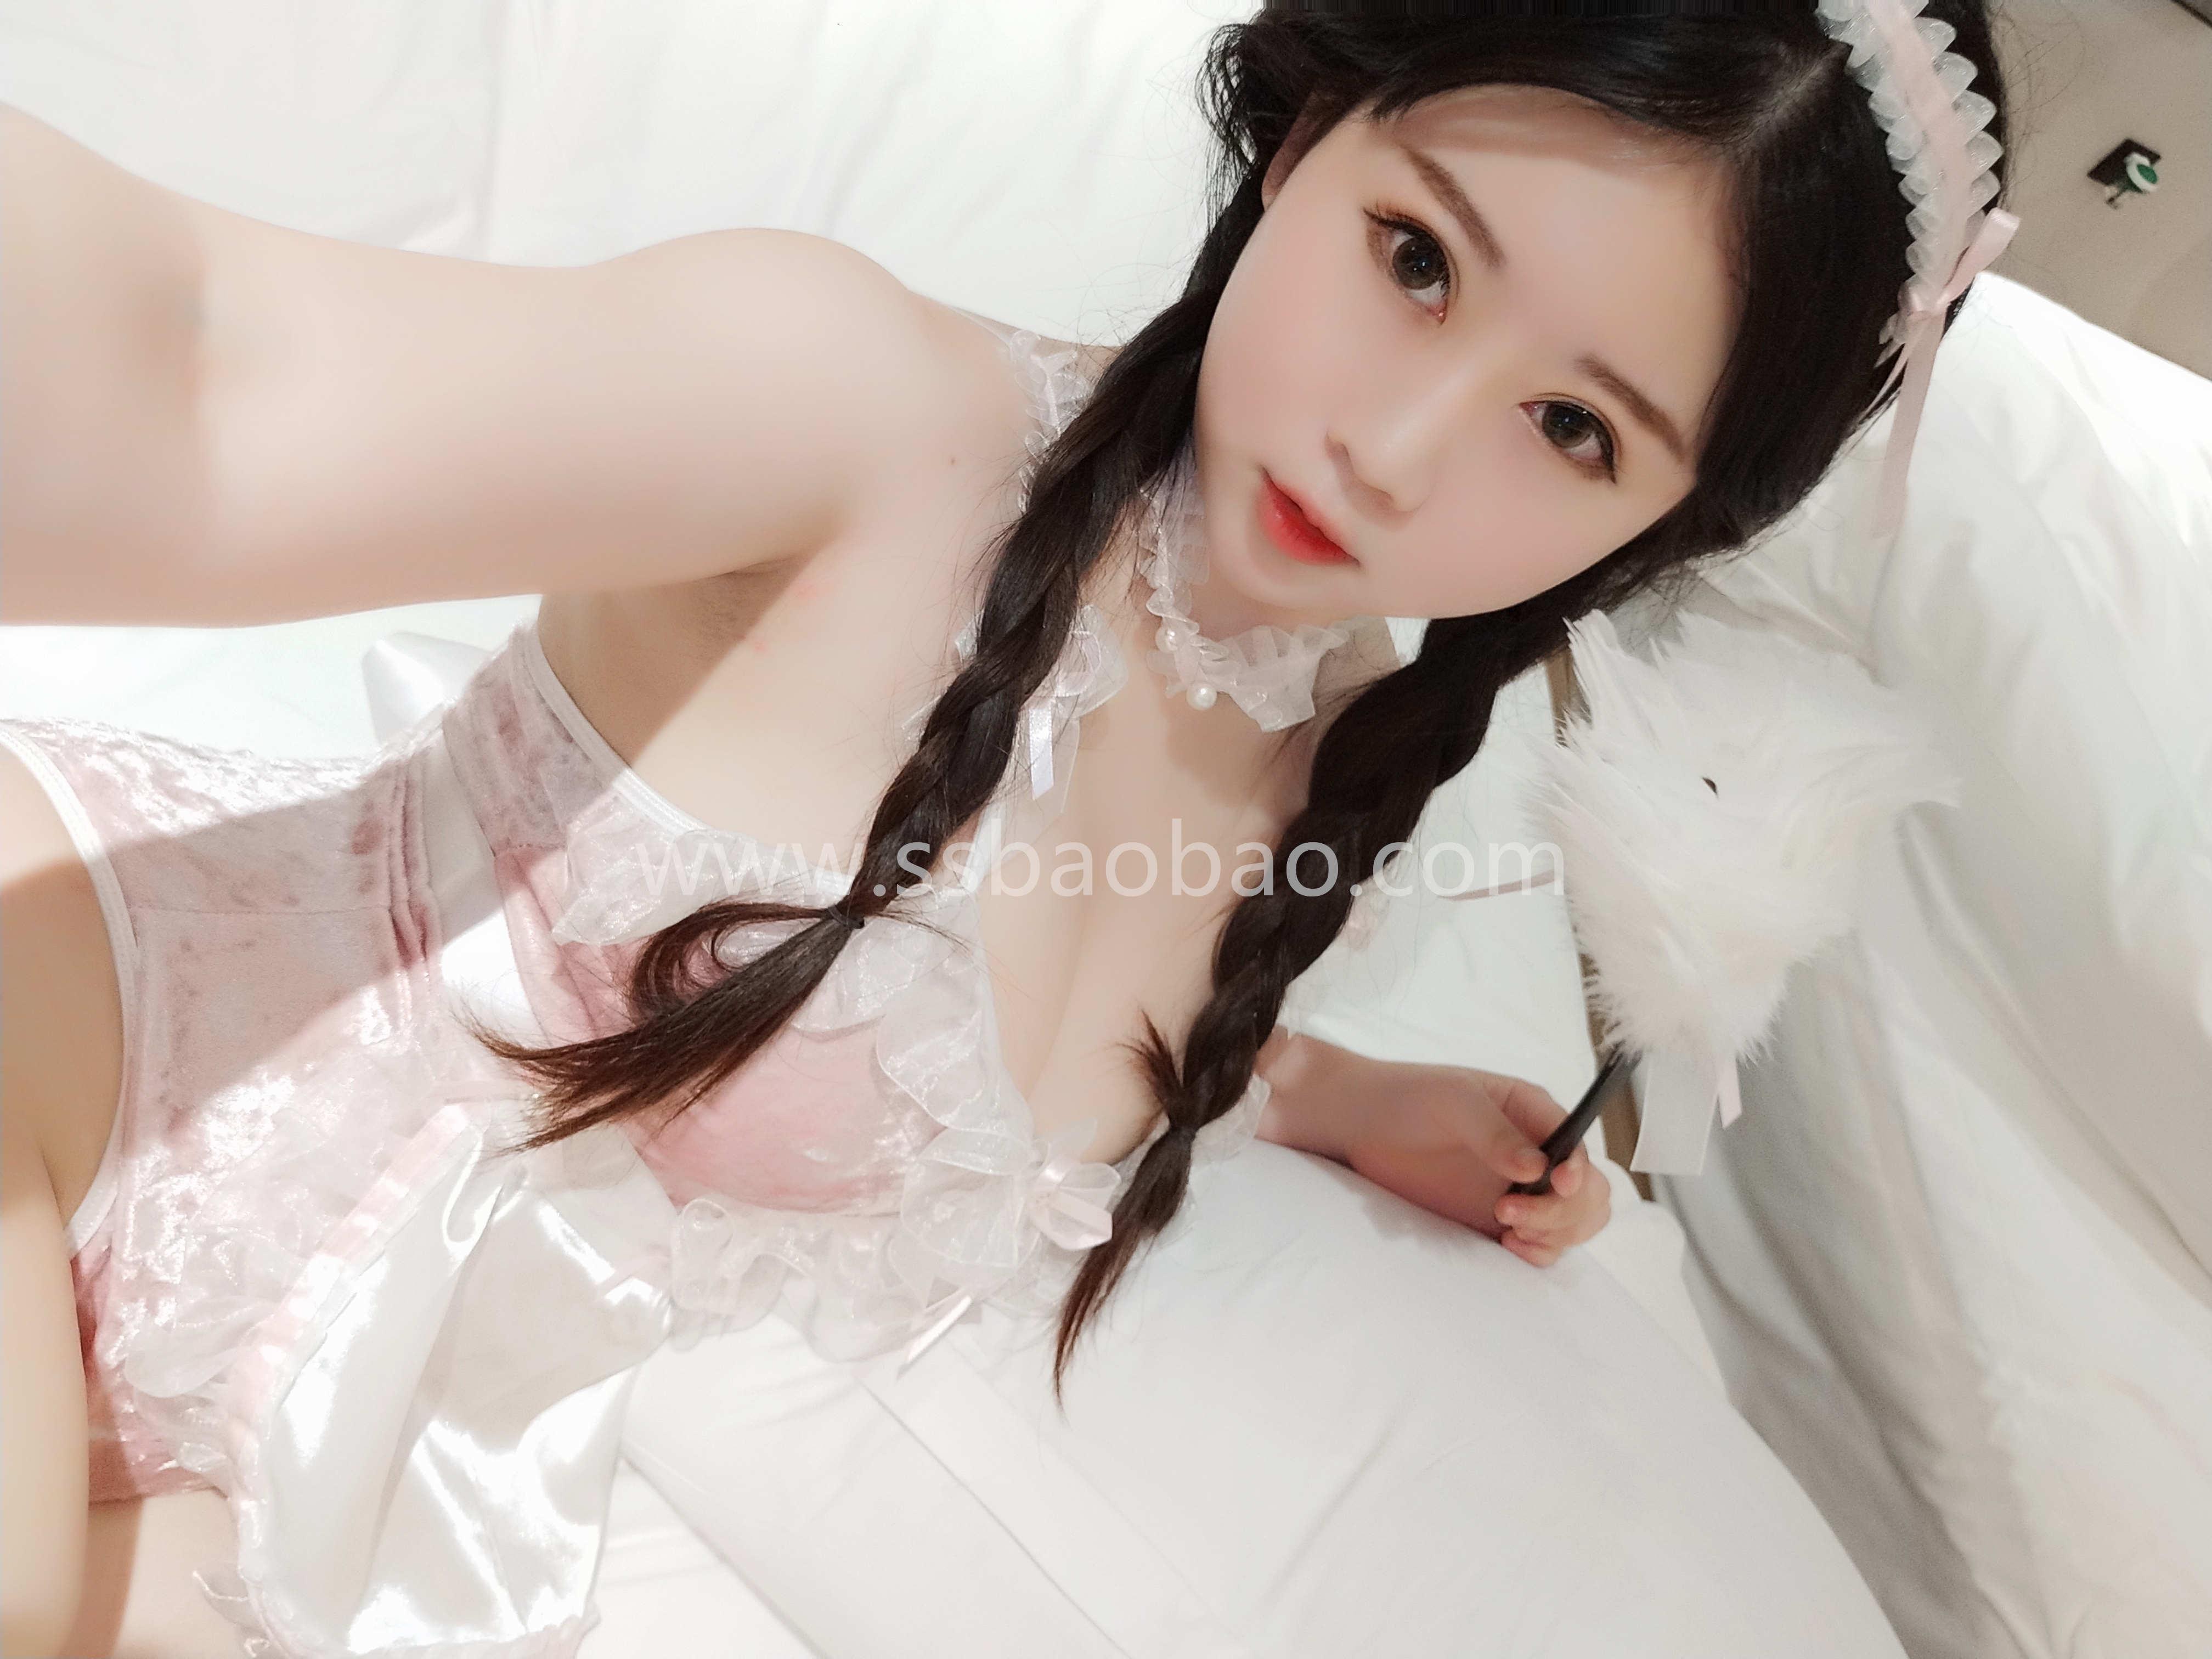 是依酱吖 NO.032 冬季女友[45P-98MB] (5)